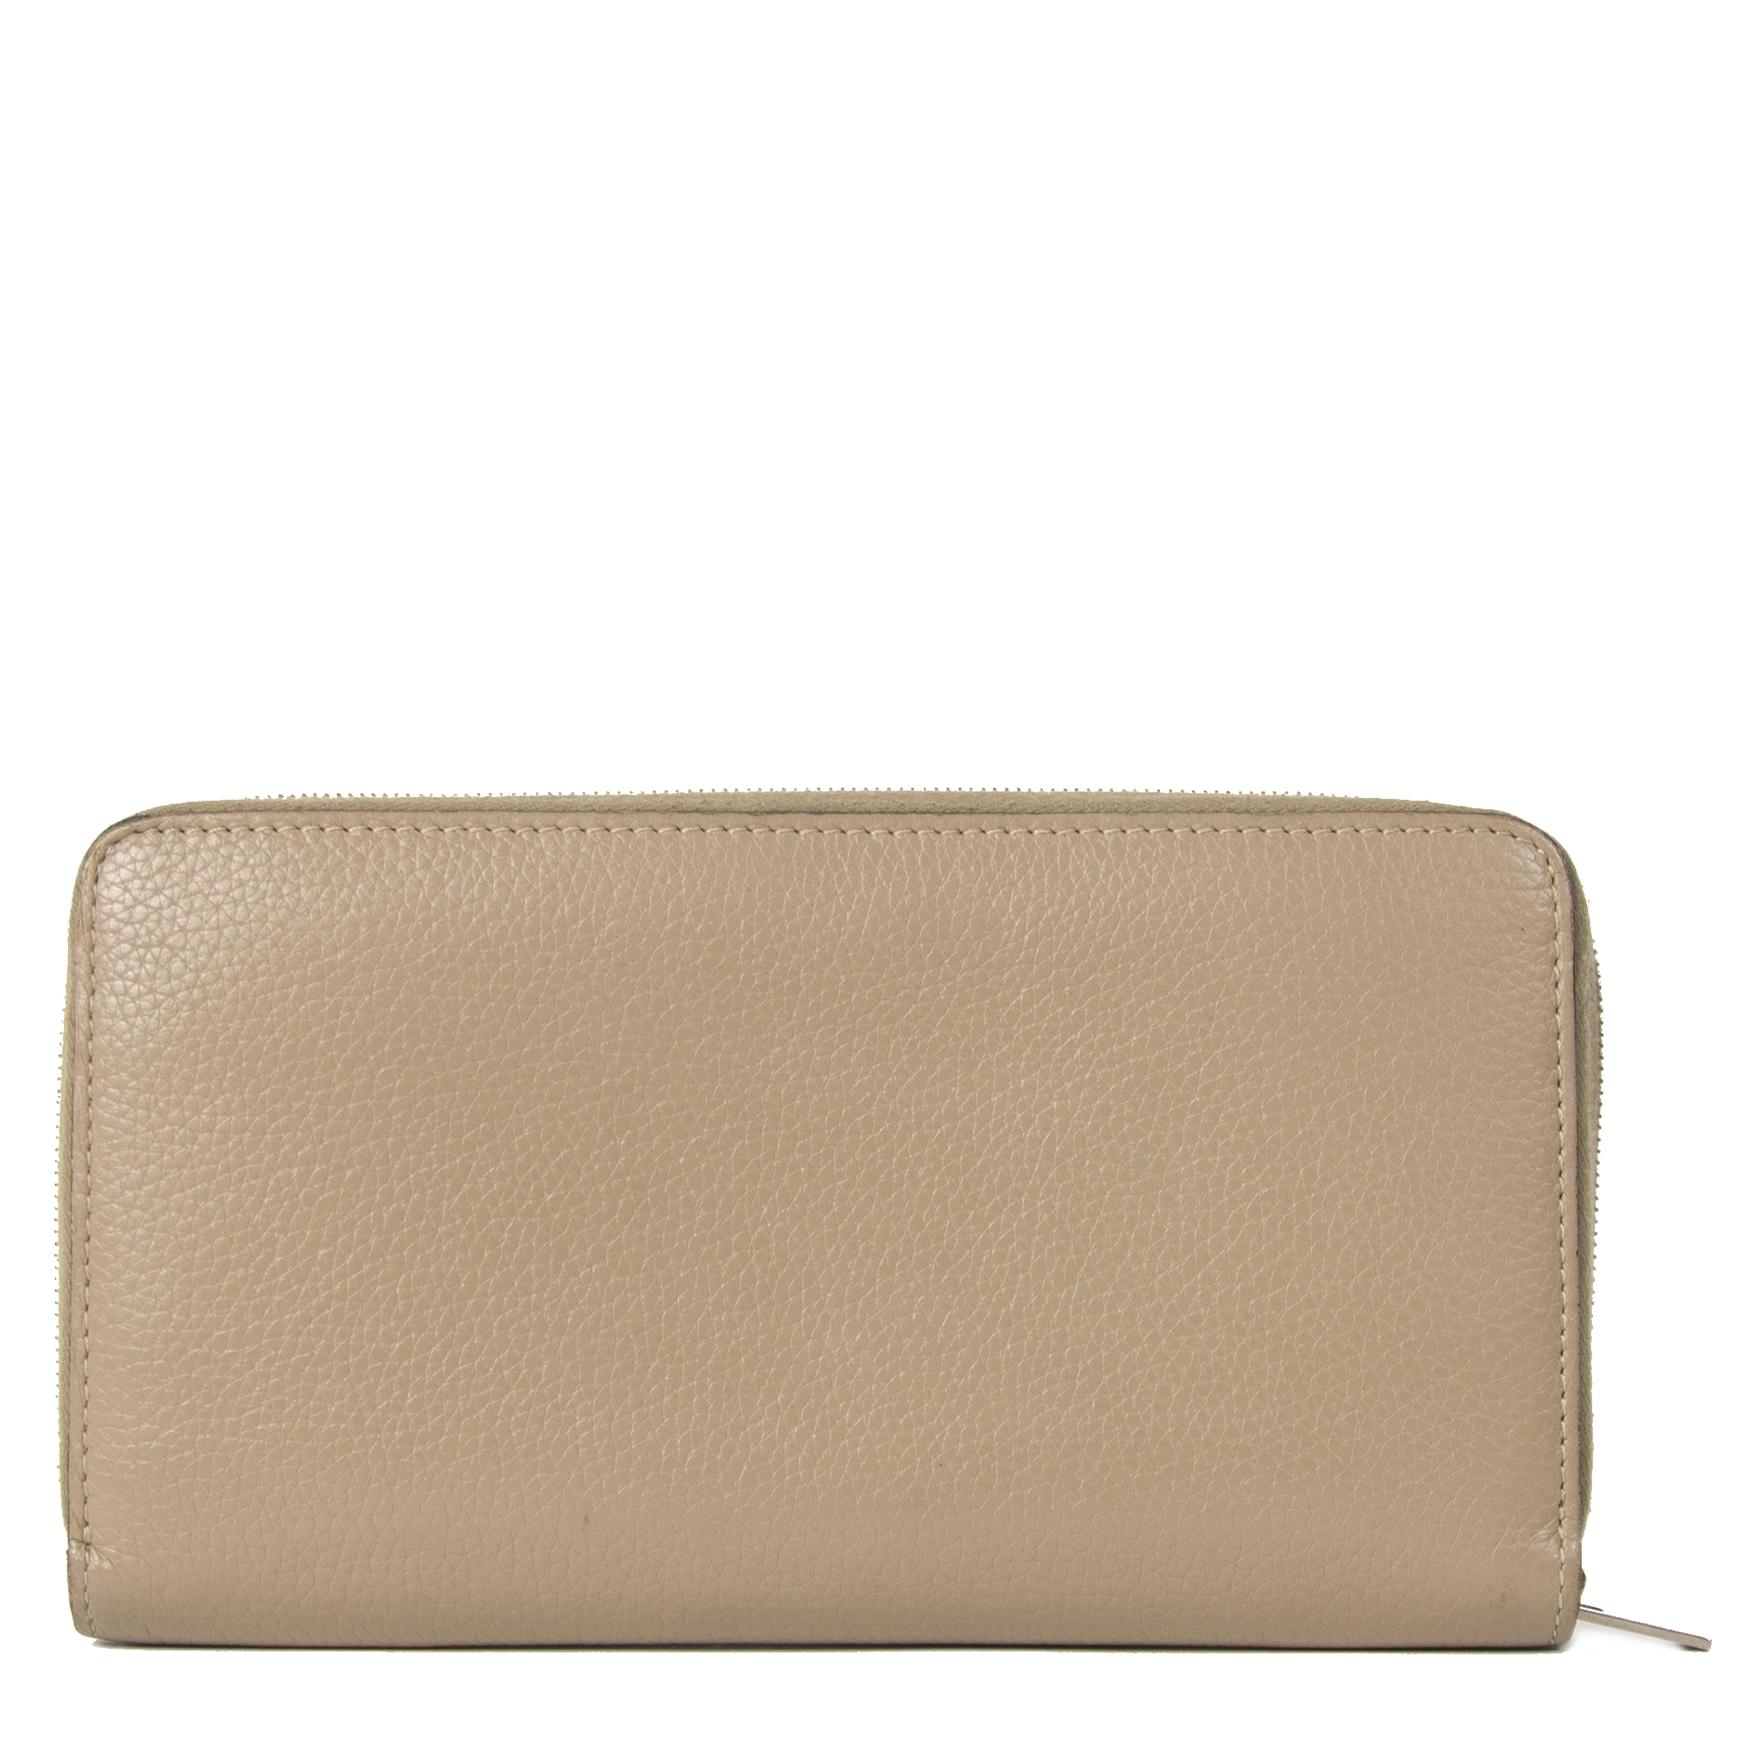 Authentieke tweedehands Celine Beige Leather Zippy Wallet juiste prijs veilig online winkelen LabelLOV webshop luxe merken winkelen Antwerpen België mode fashion